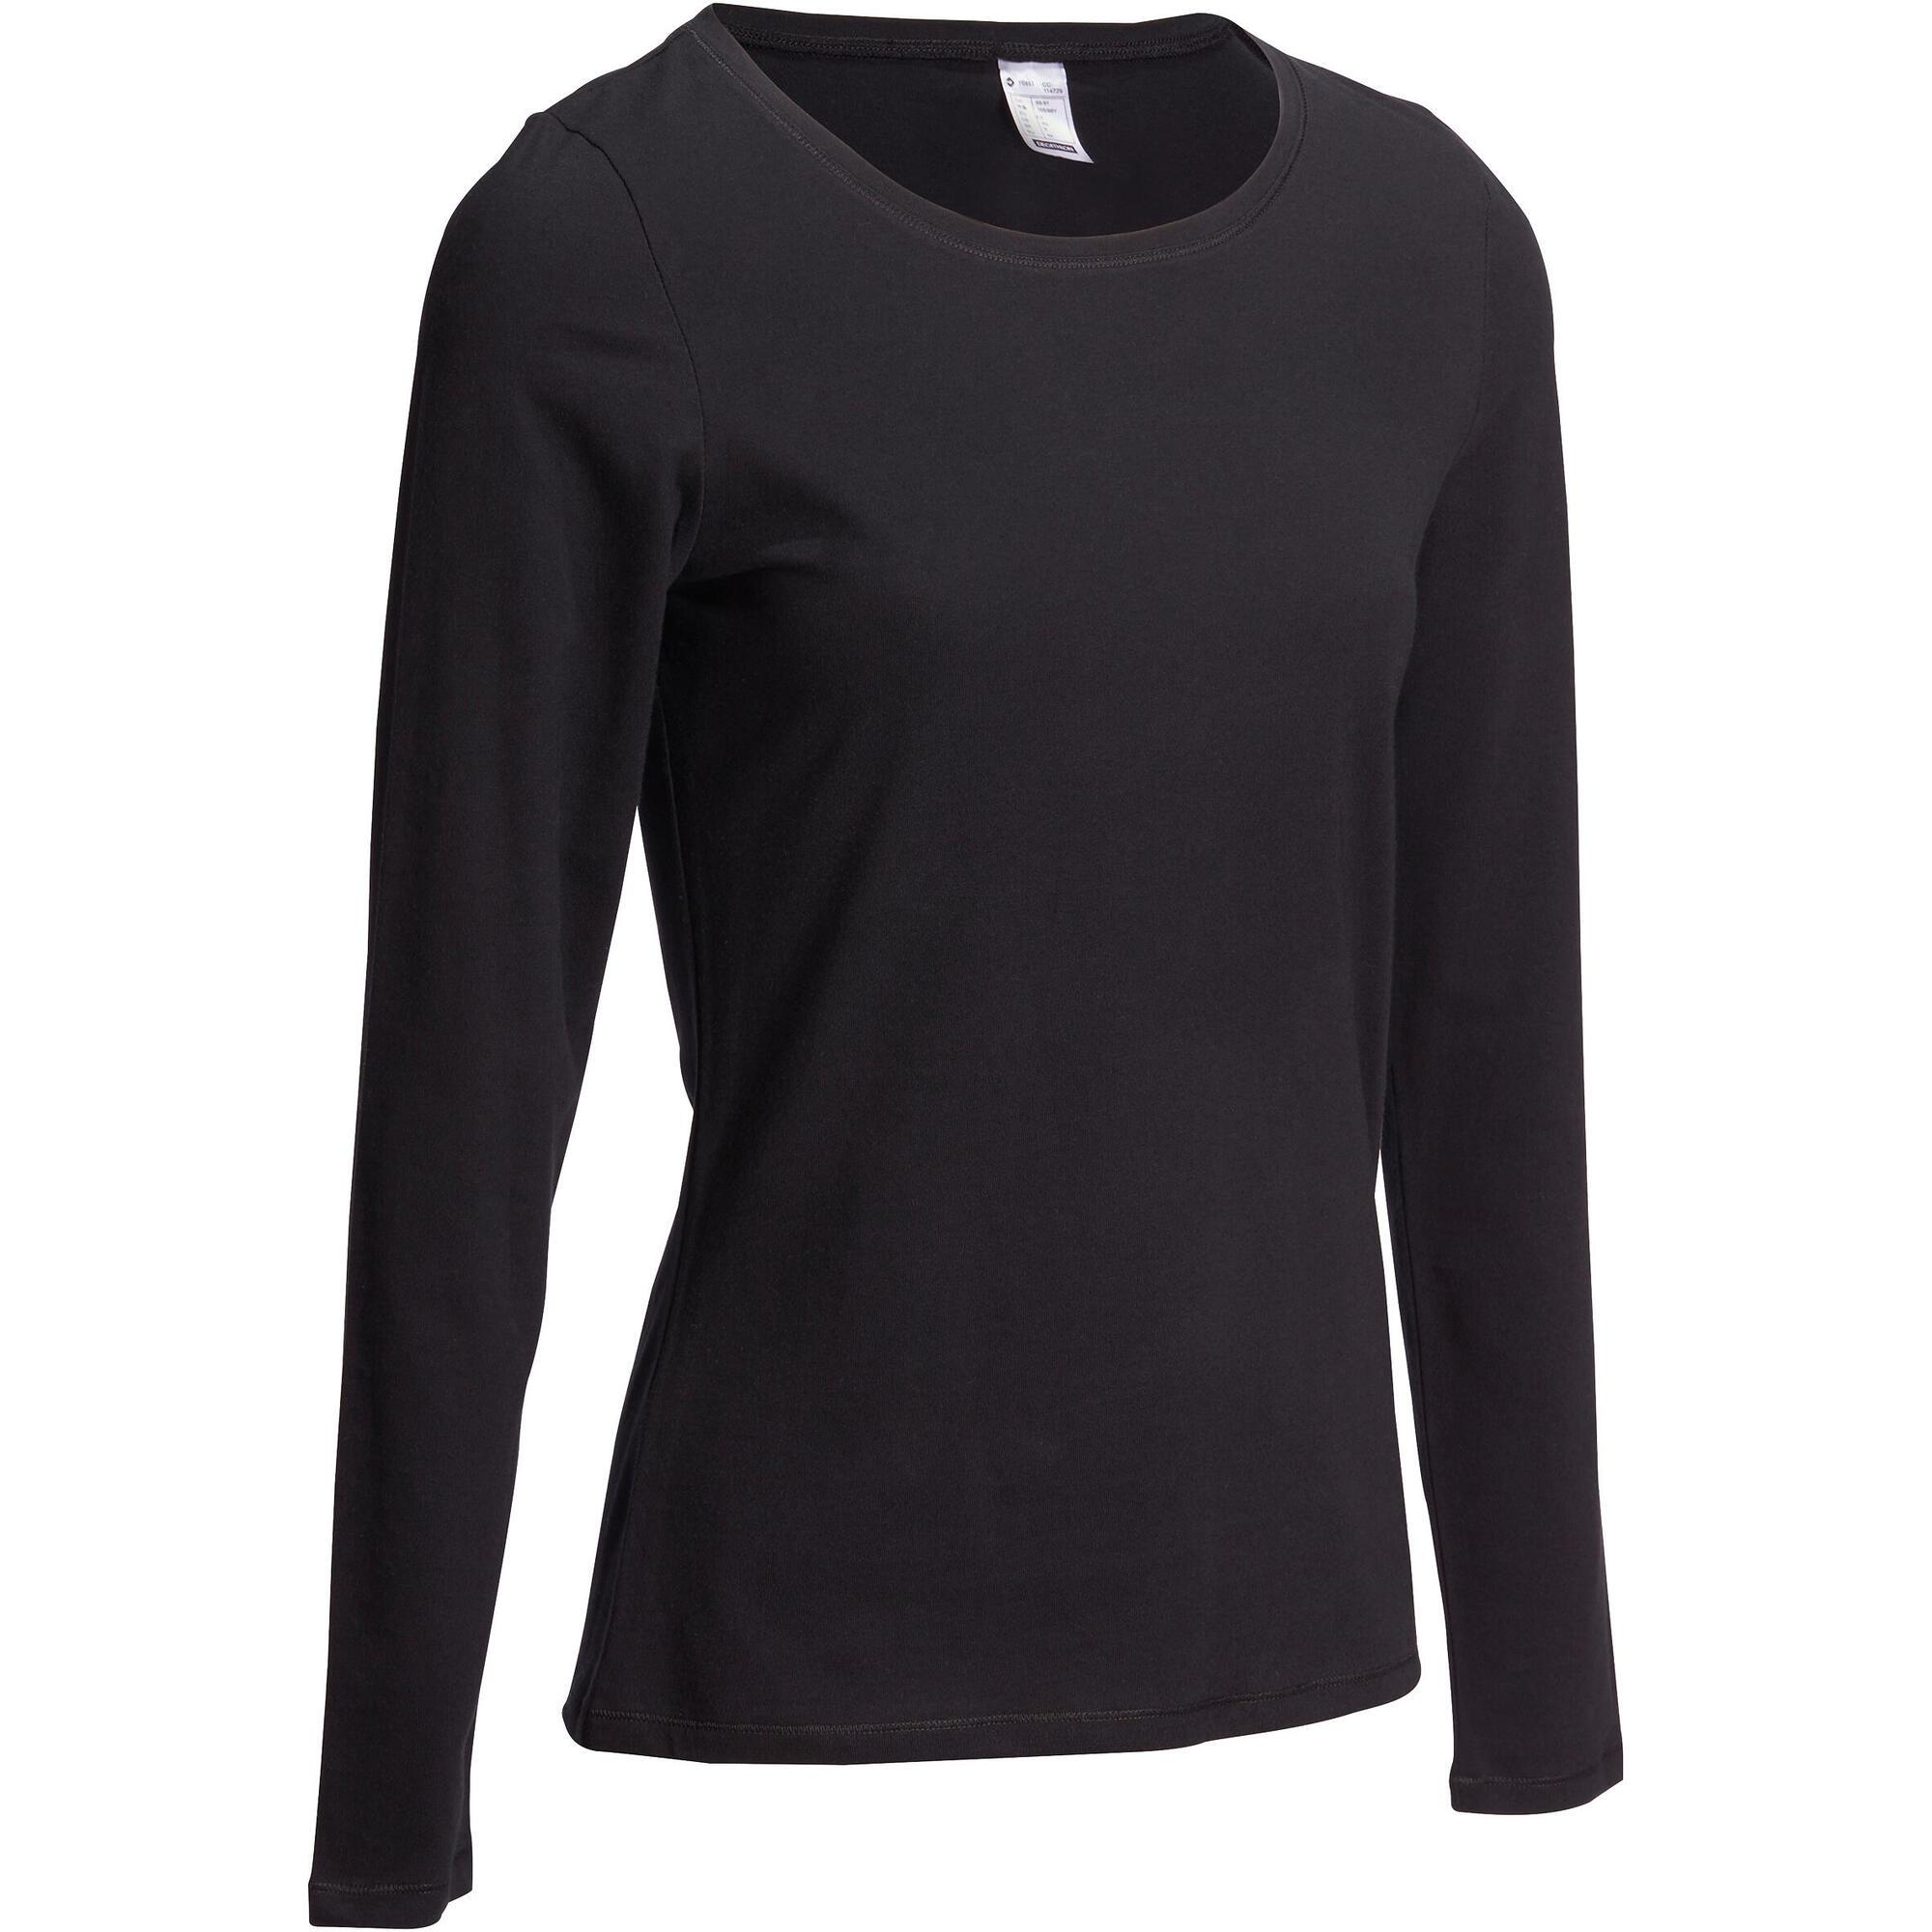 98713413b8c T-shirt 100 manches longues Pilates Gym douce femme noir